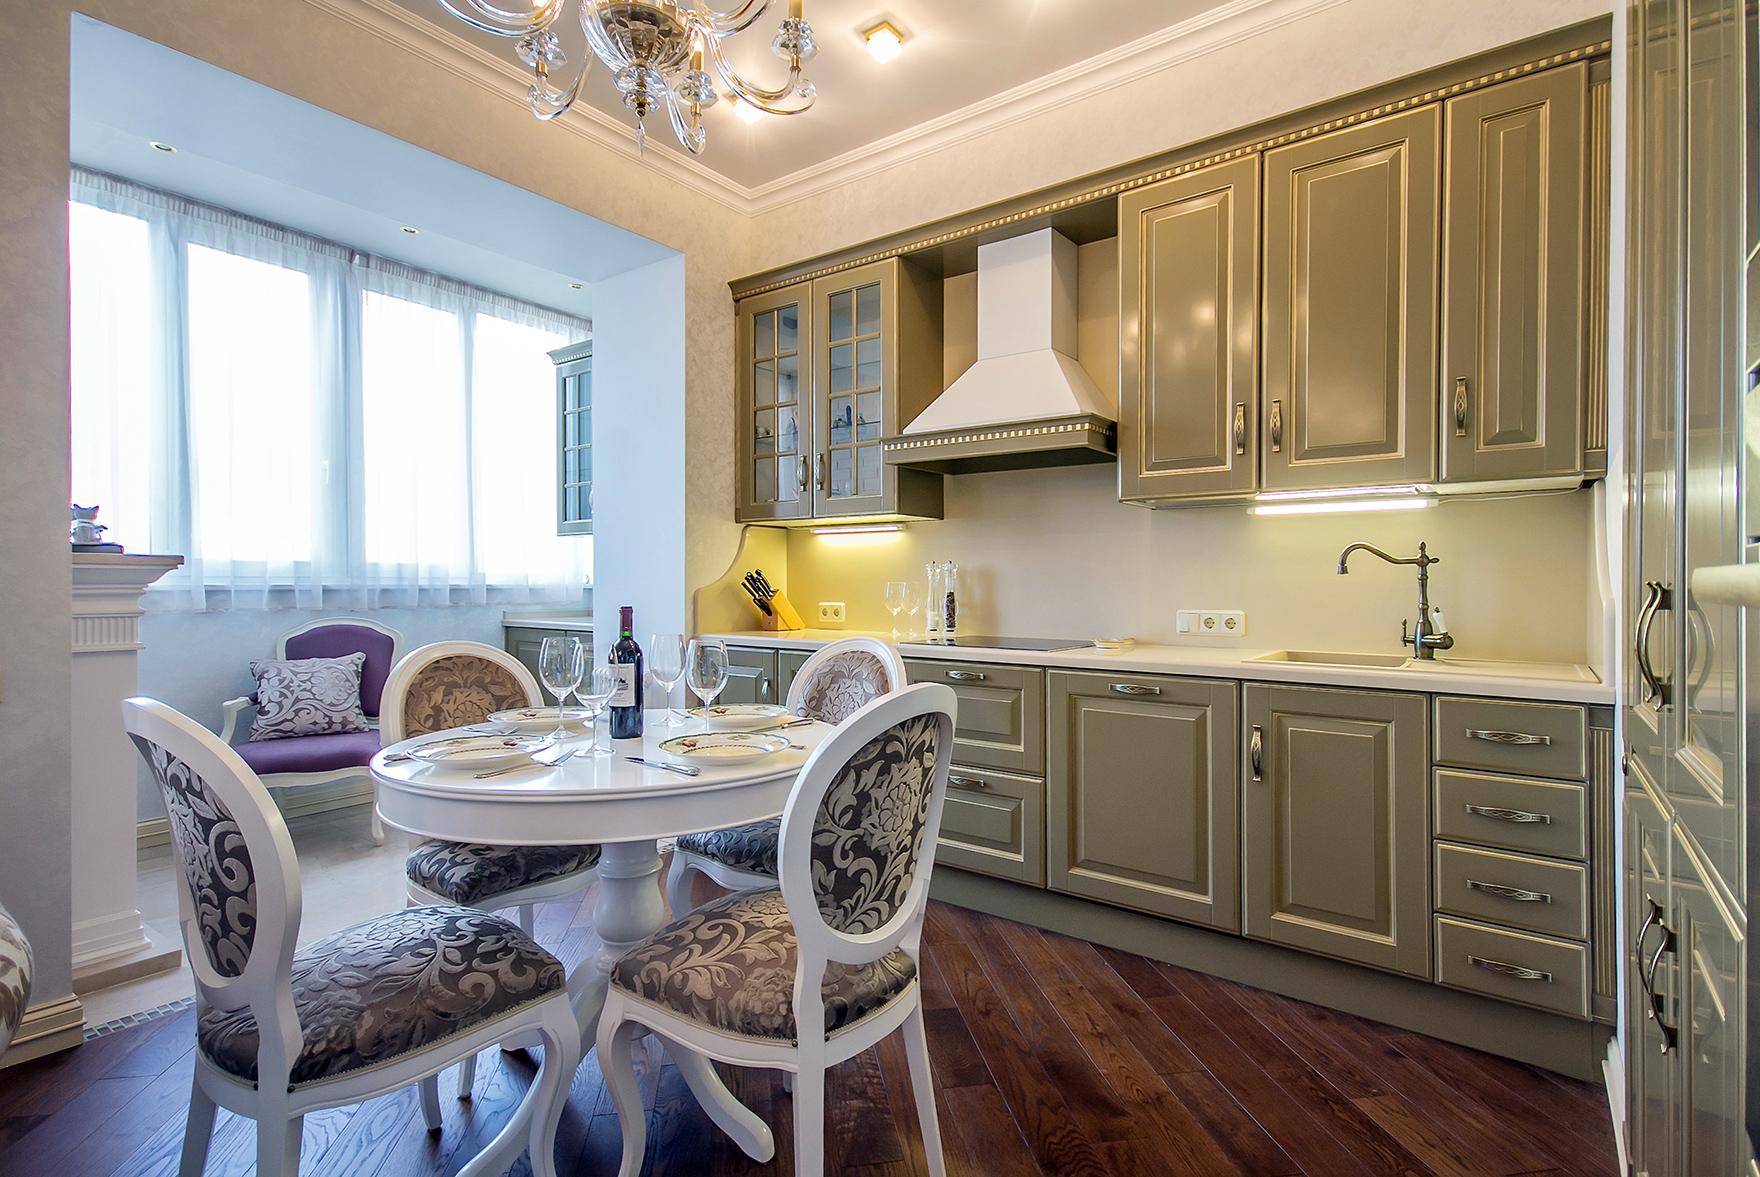 Классическая кухня, совмещенная с балконом